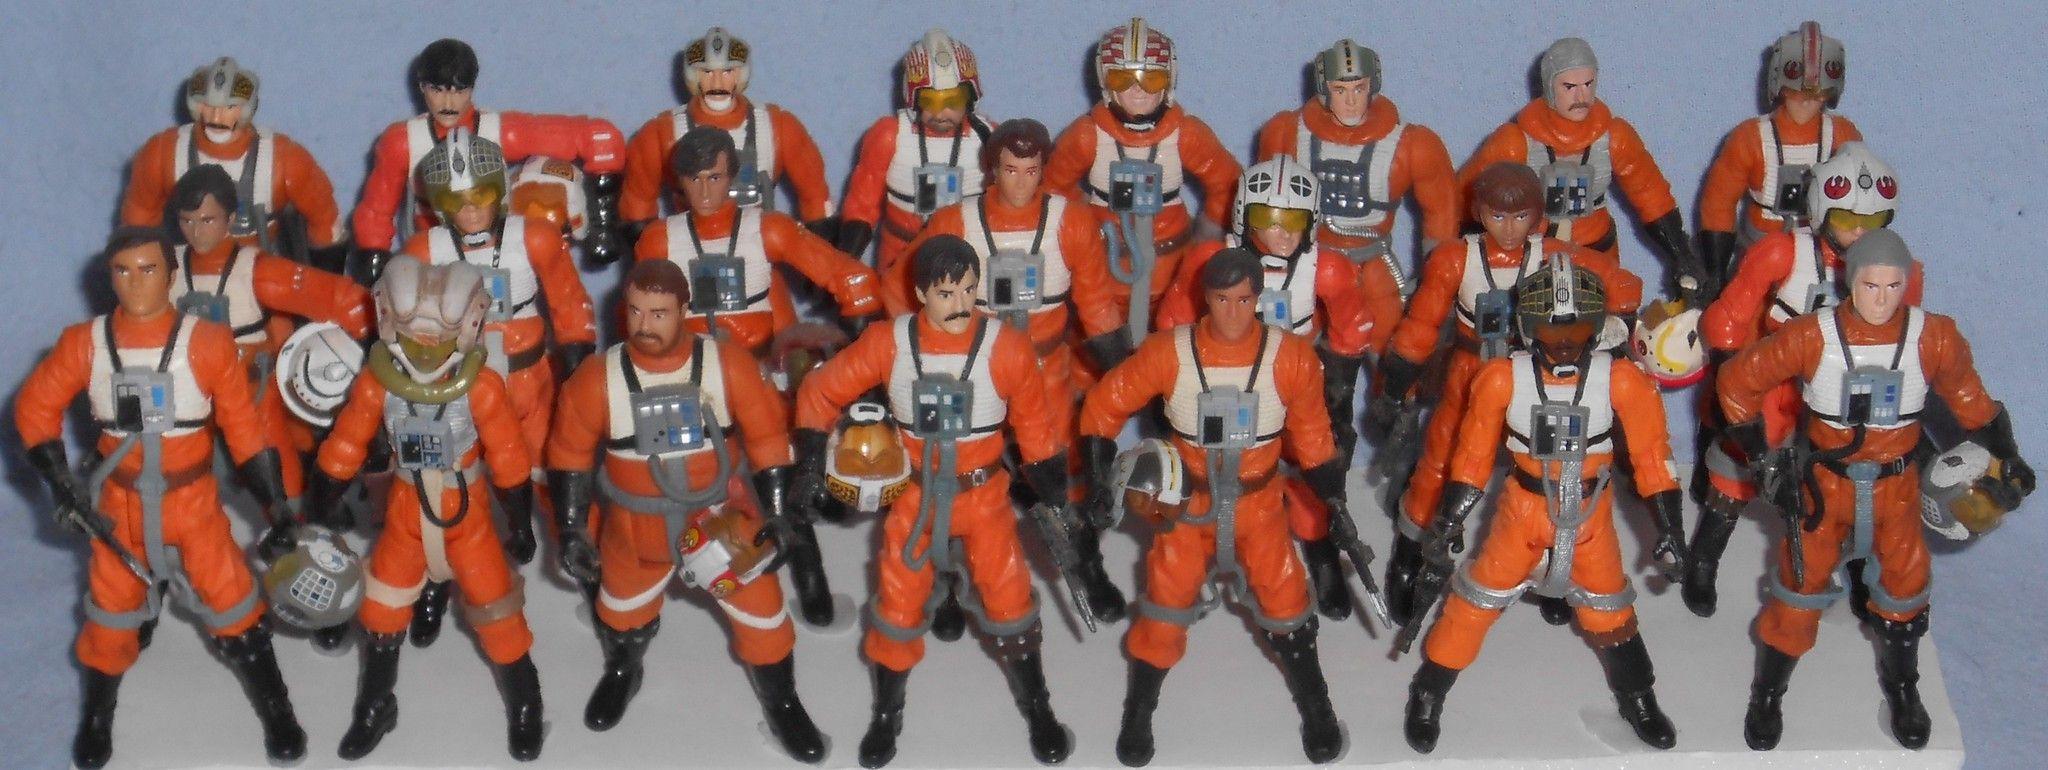 Prototype  Star Wars Galactic Heroes Clone Trooper Hasbro 2004